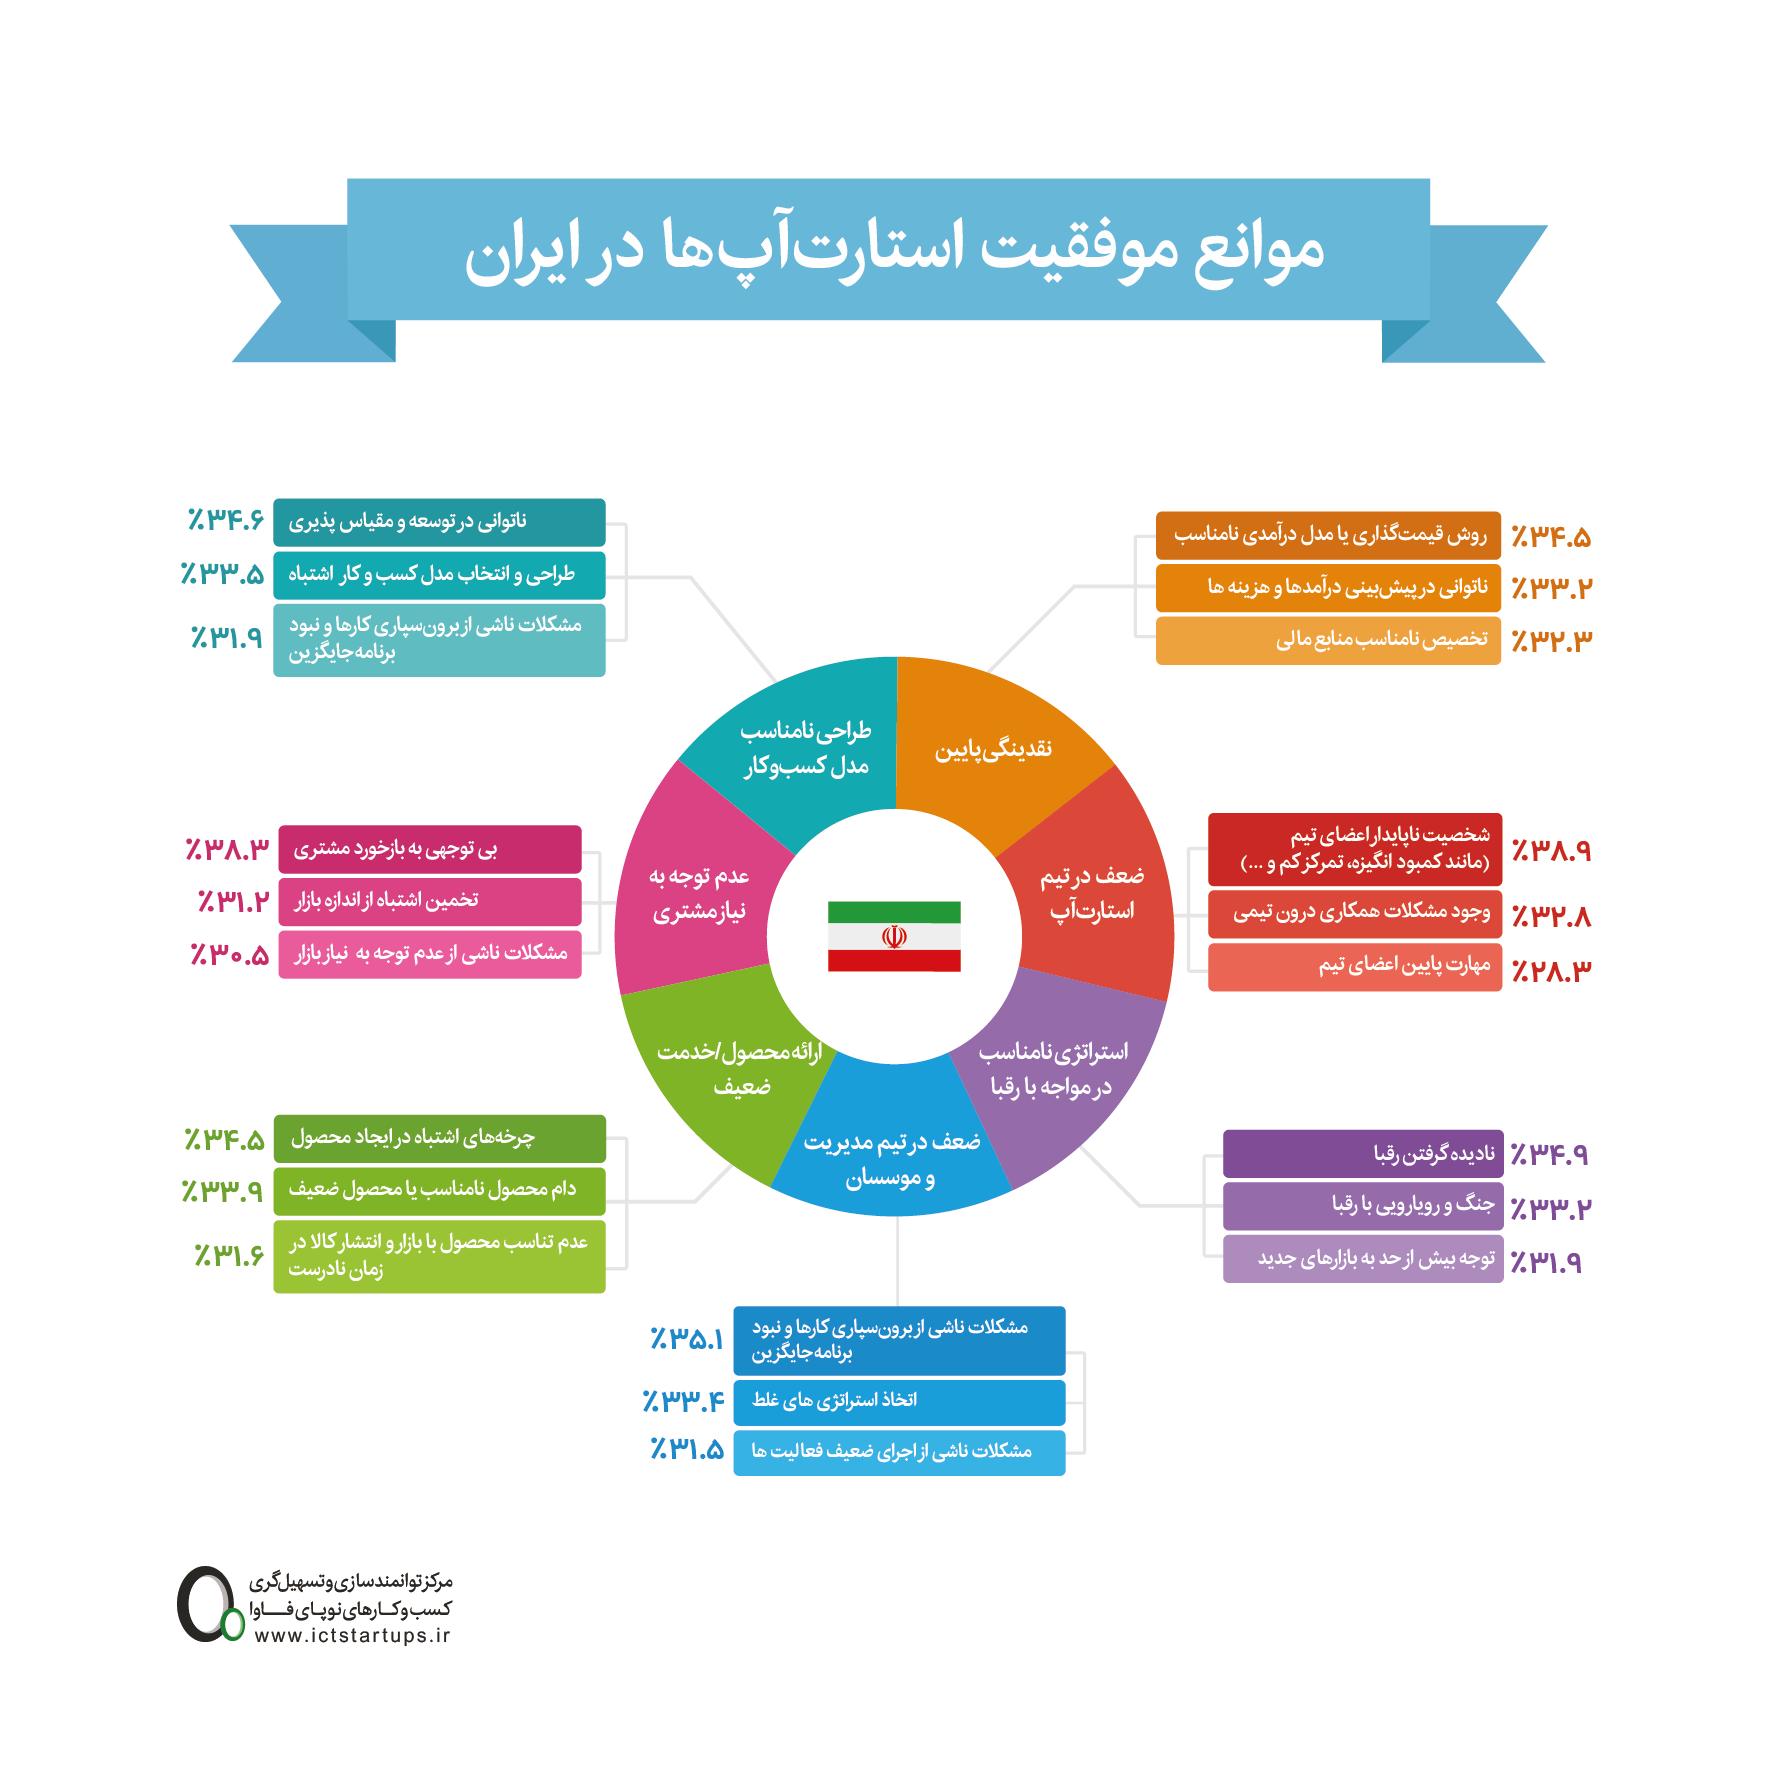 اینفوگرافیک: موانع موفقیت استارتآپها در ایران